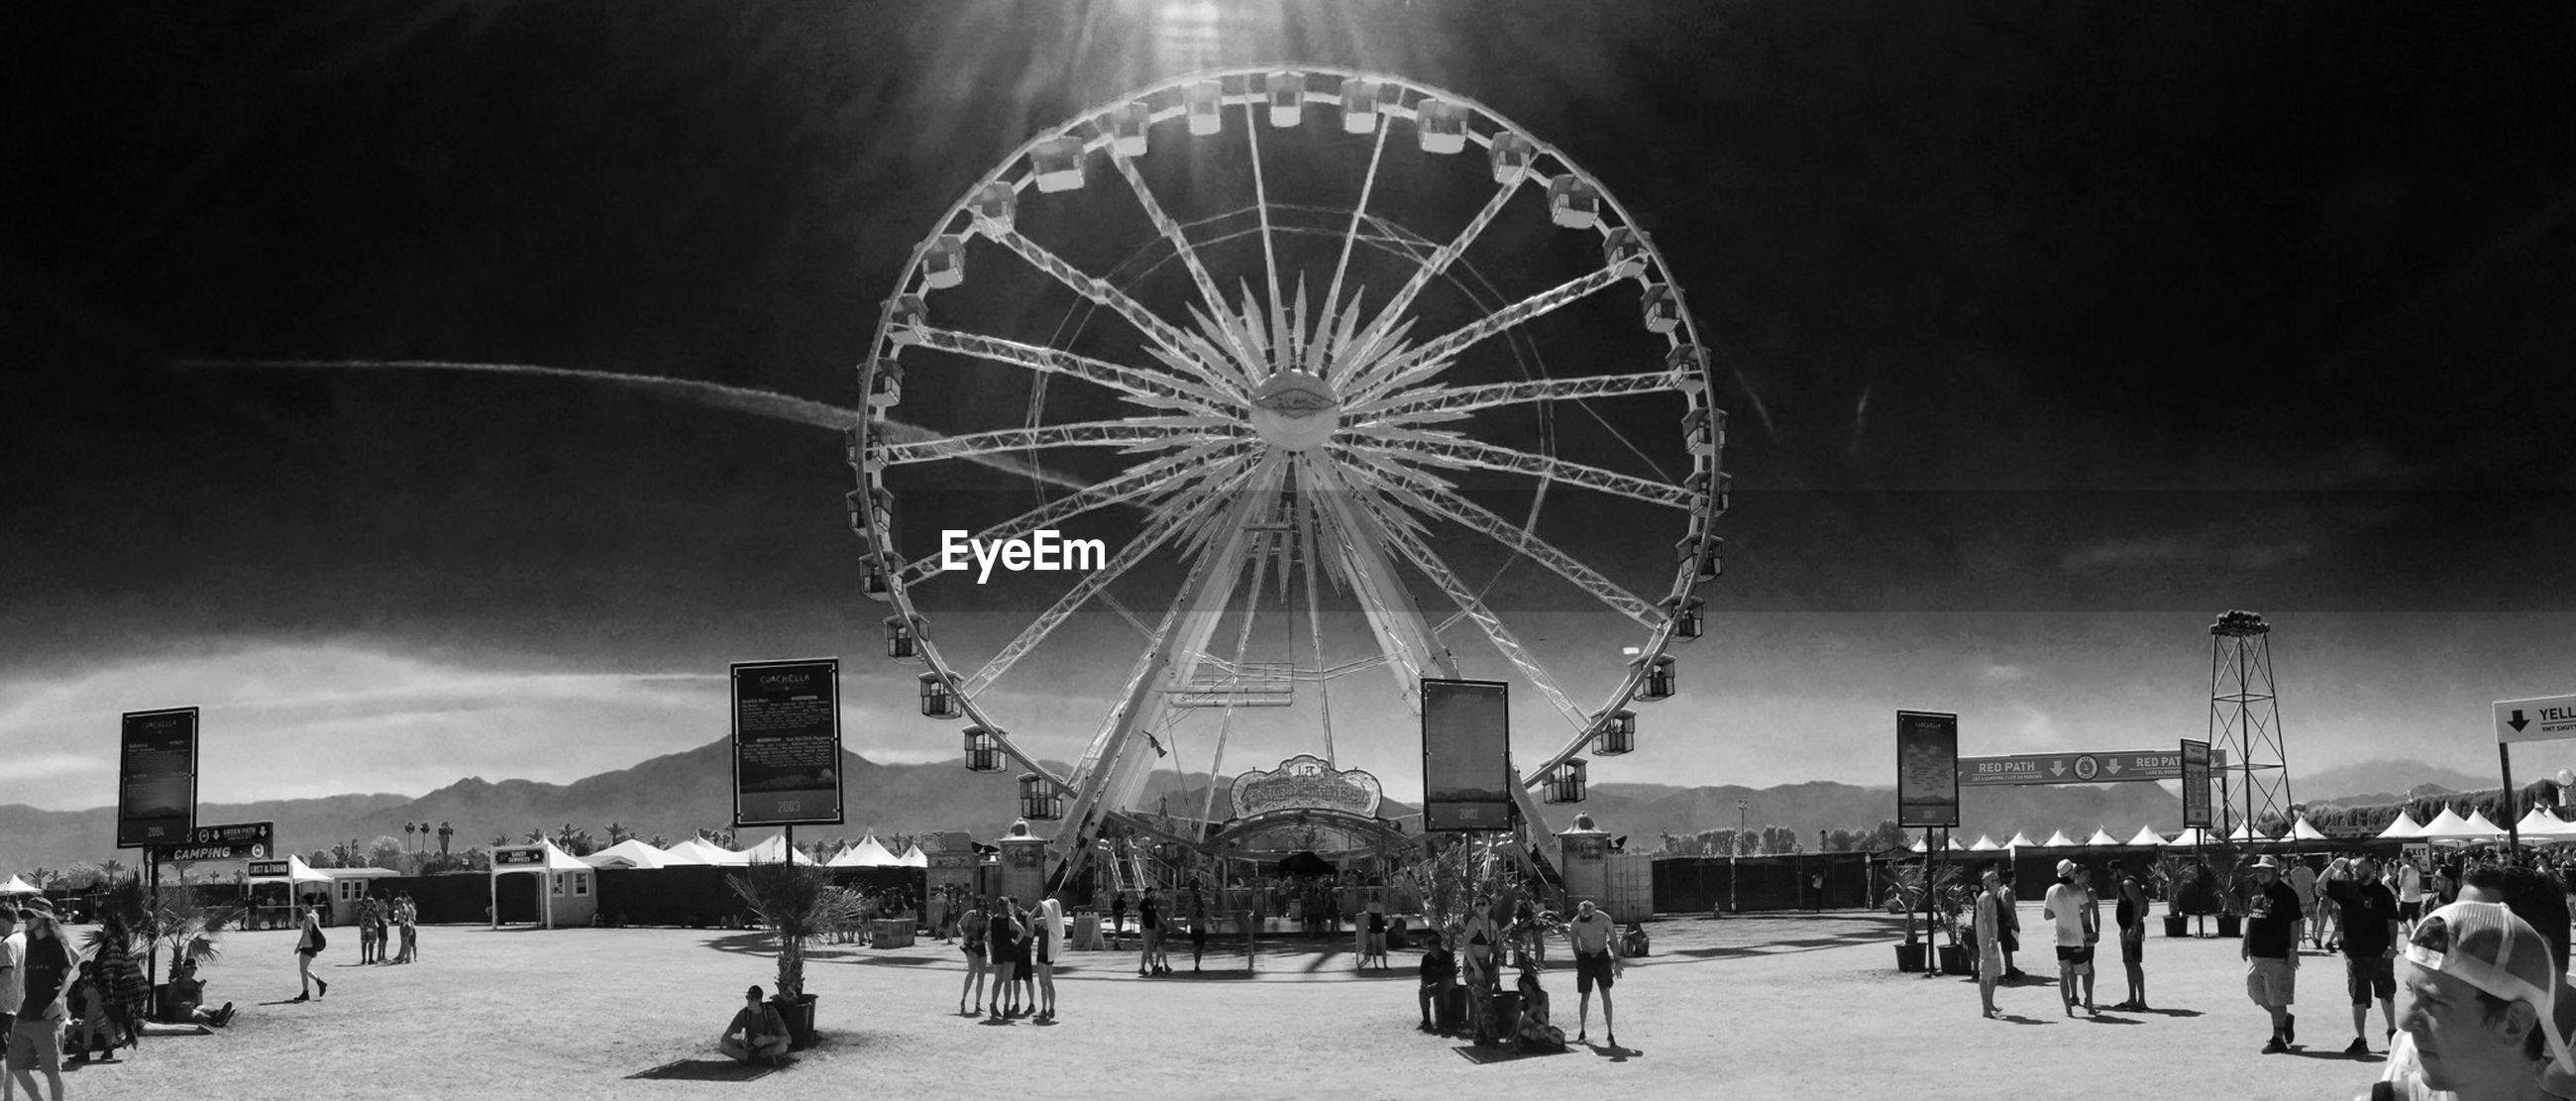 large group of people, arts culture and entertainment, amusement park, amusement park ride, sky, leisure activity, ferris wheel, lifestyles, architecture, built structure, person, men, enjoyment, fun, building exterior, illuminated, cloud - sky, mixed age range, tourism